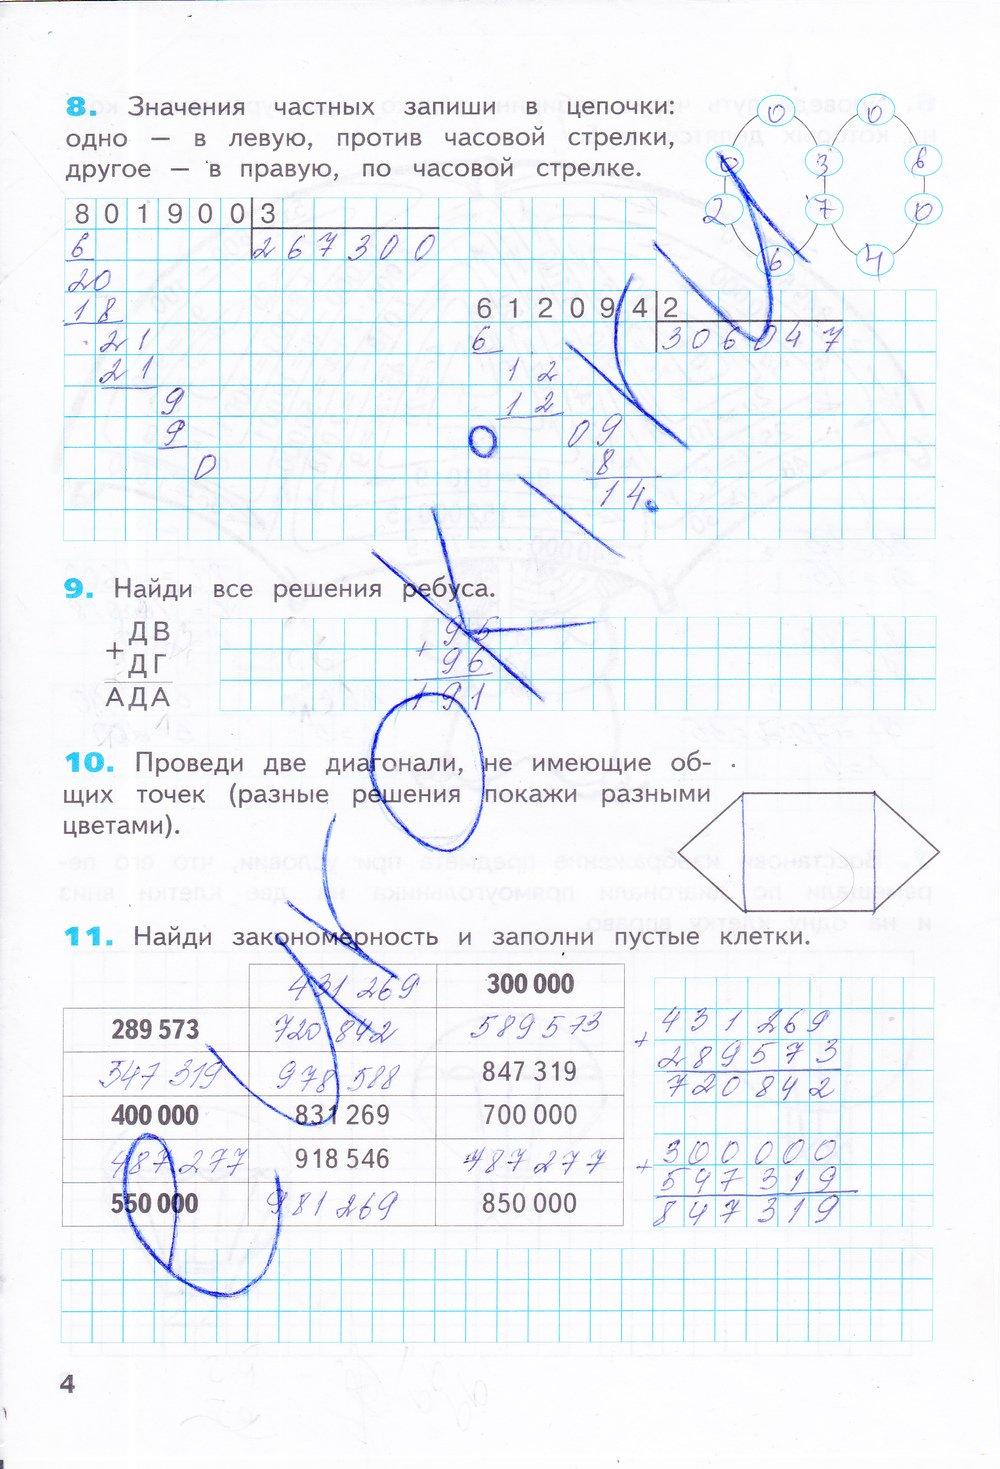 гдз по информатике 4 класс бененсон 2 часть рабочая тетрадь ответы